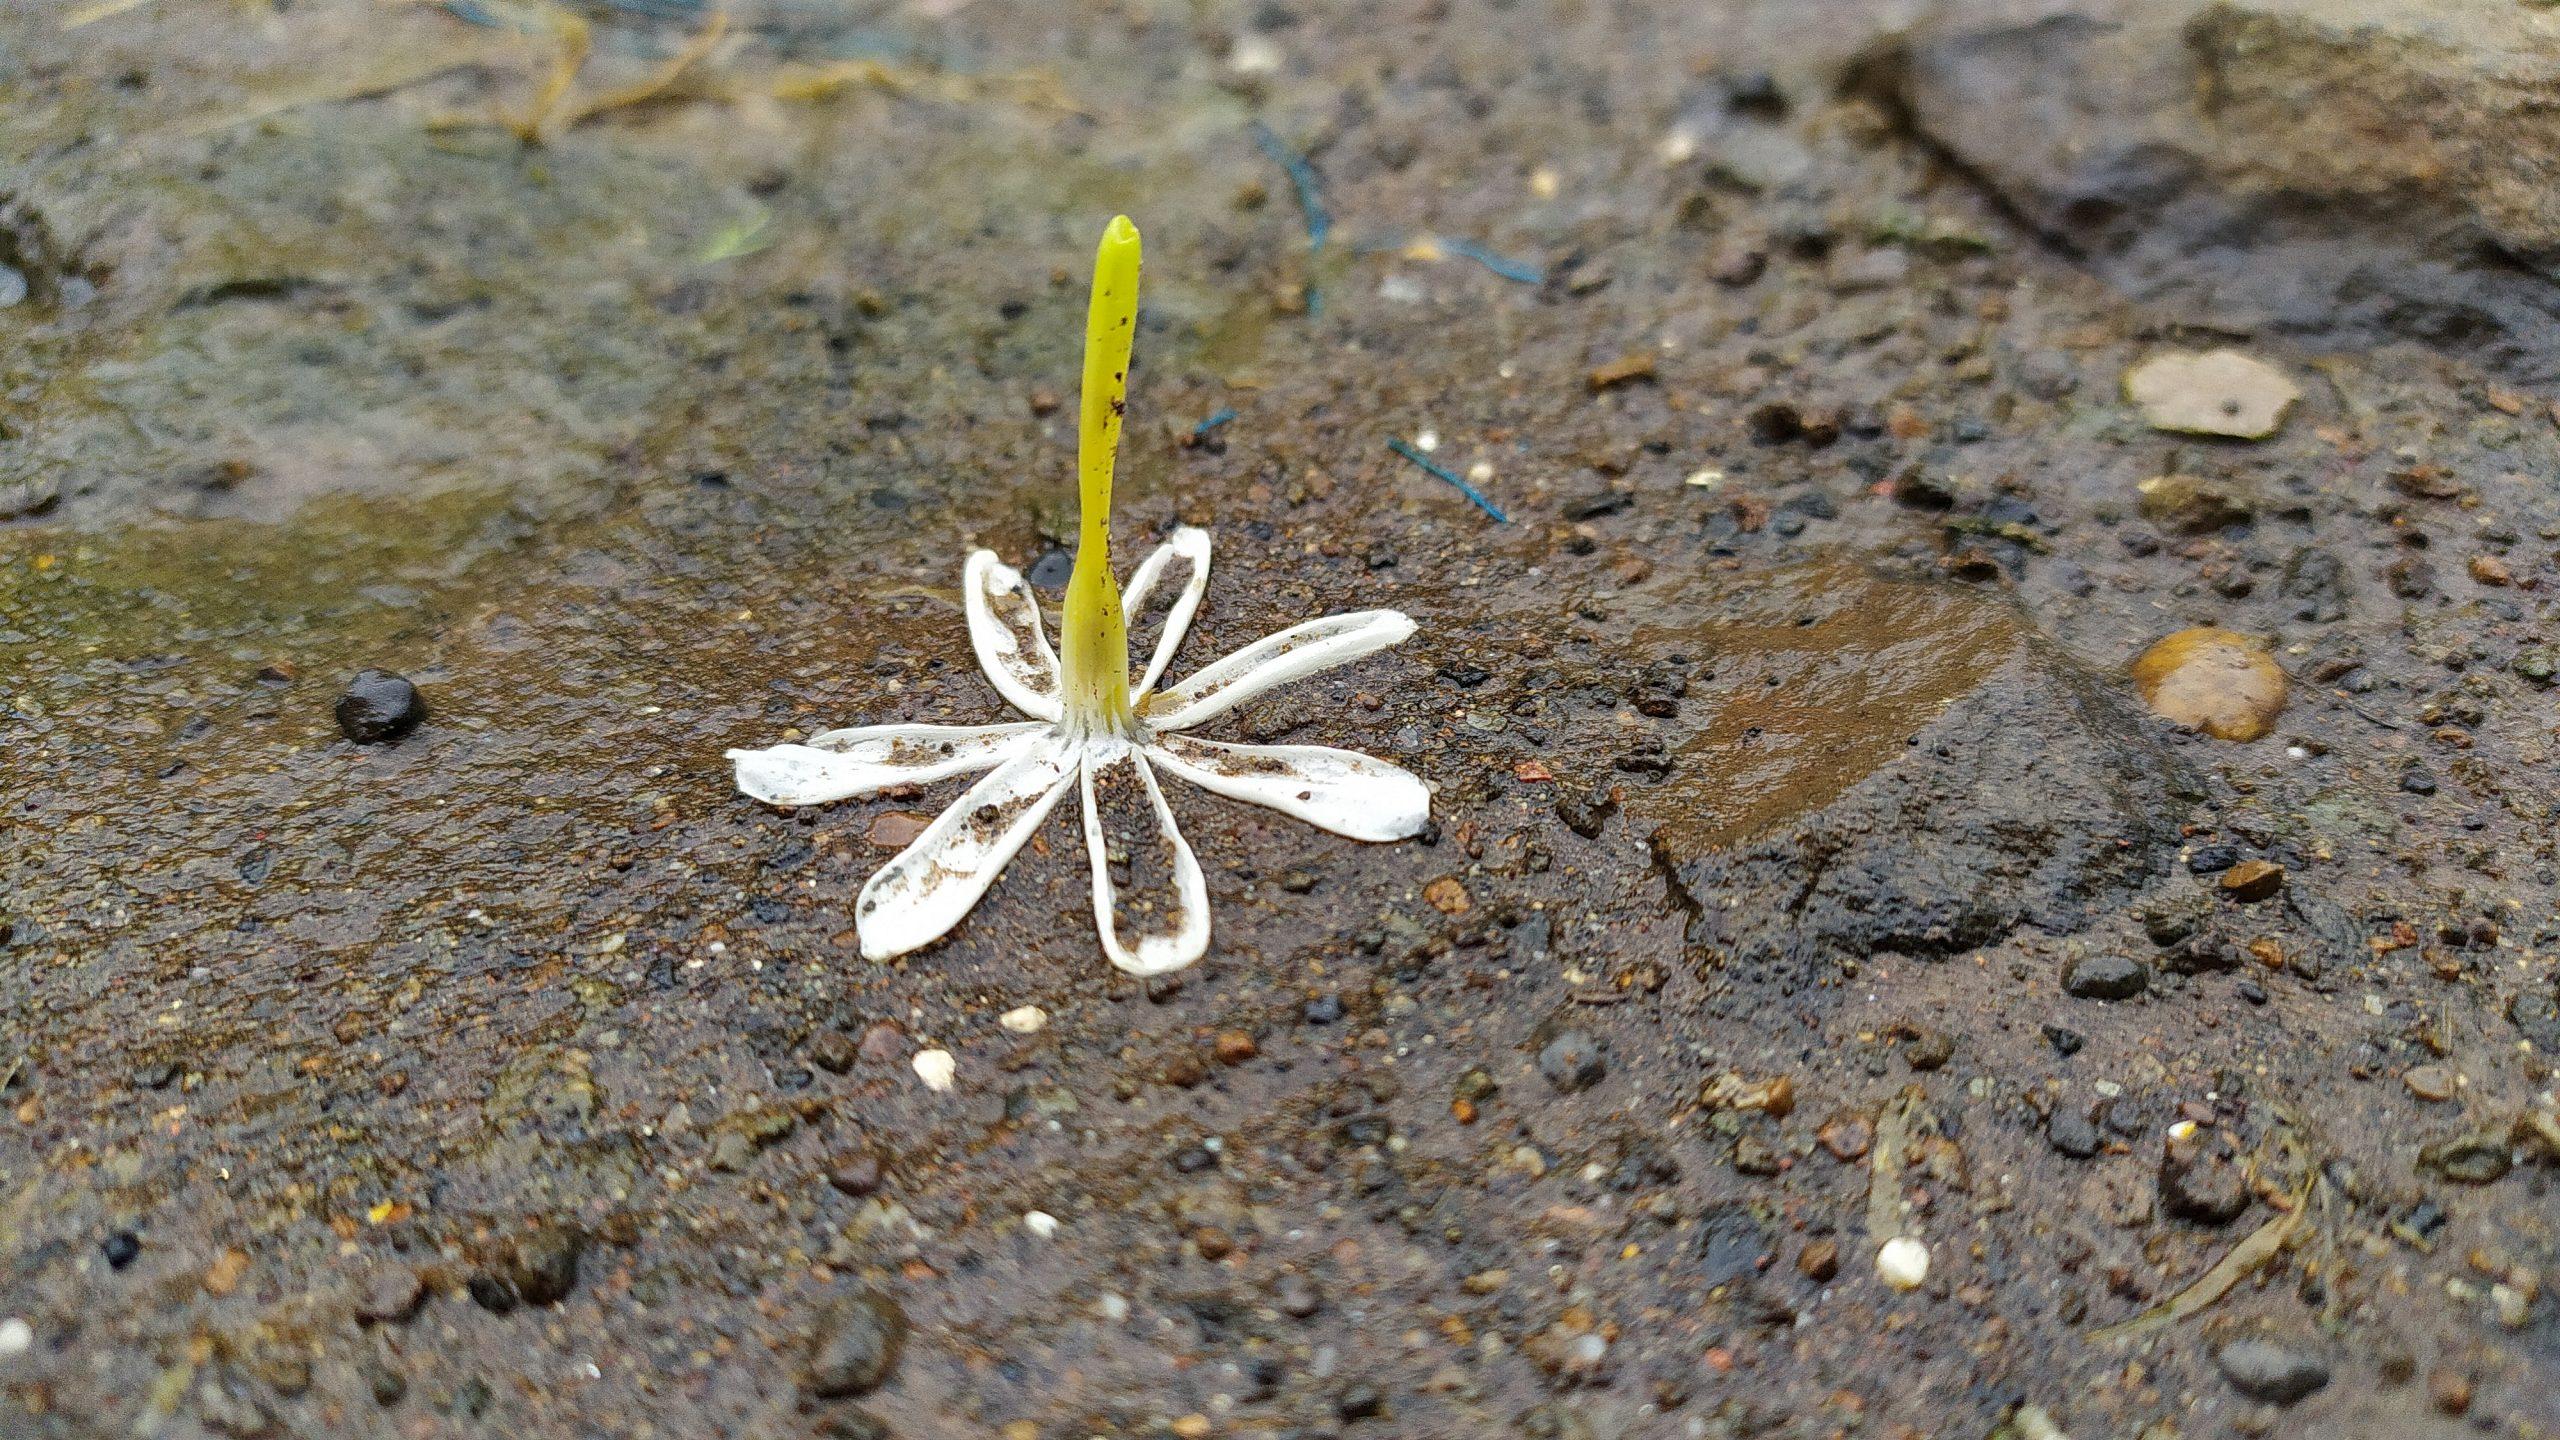 Flower in Wet Sand on Focus